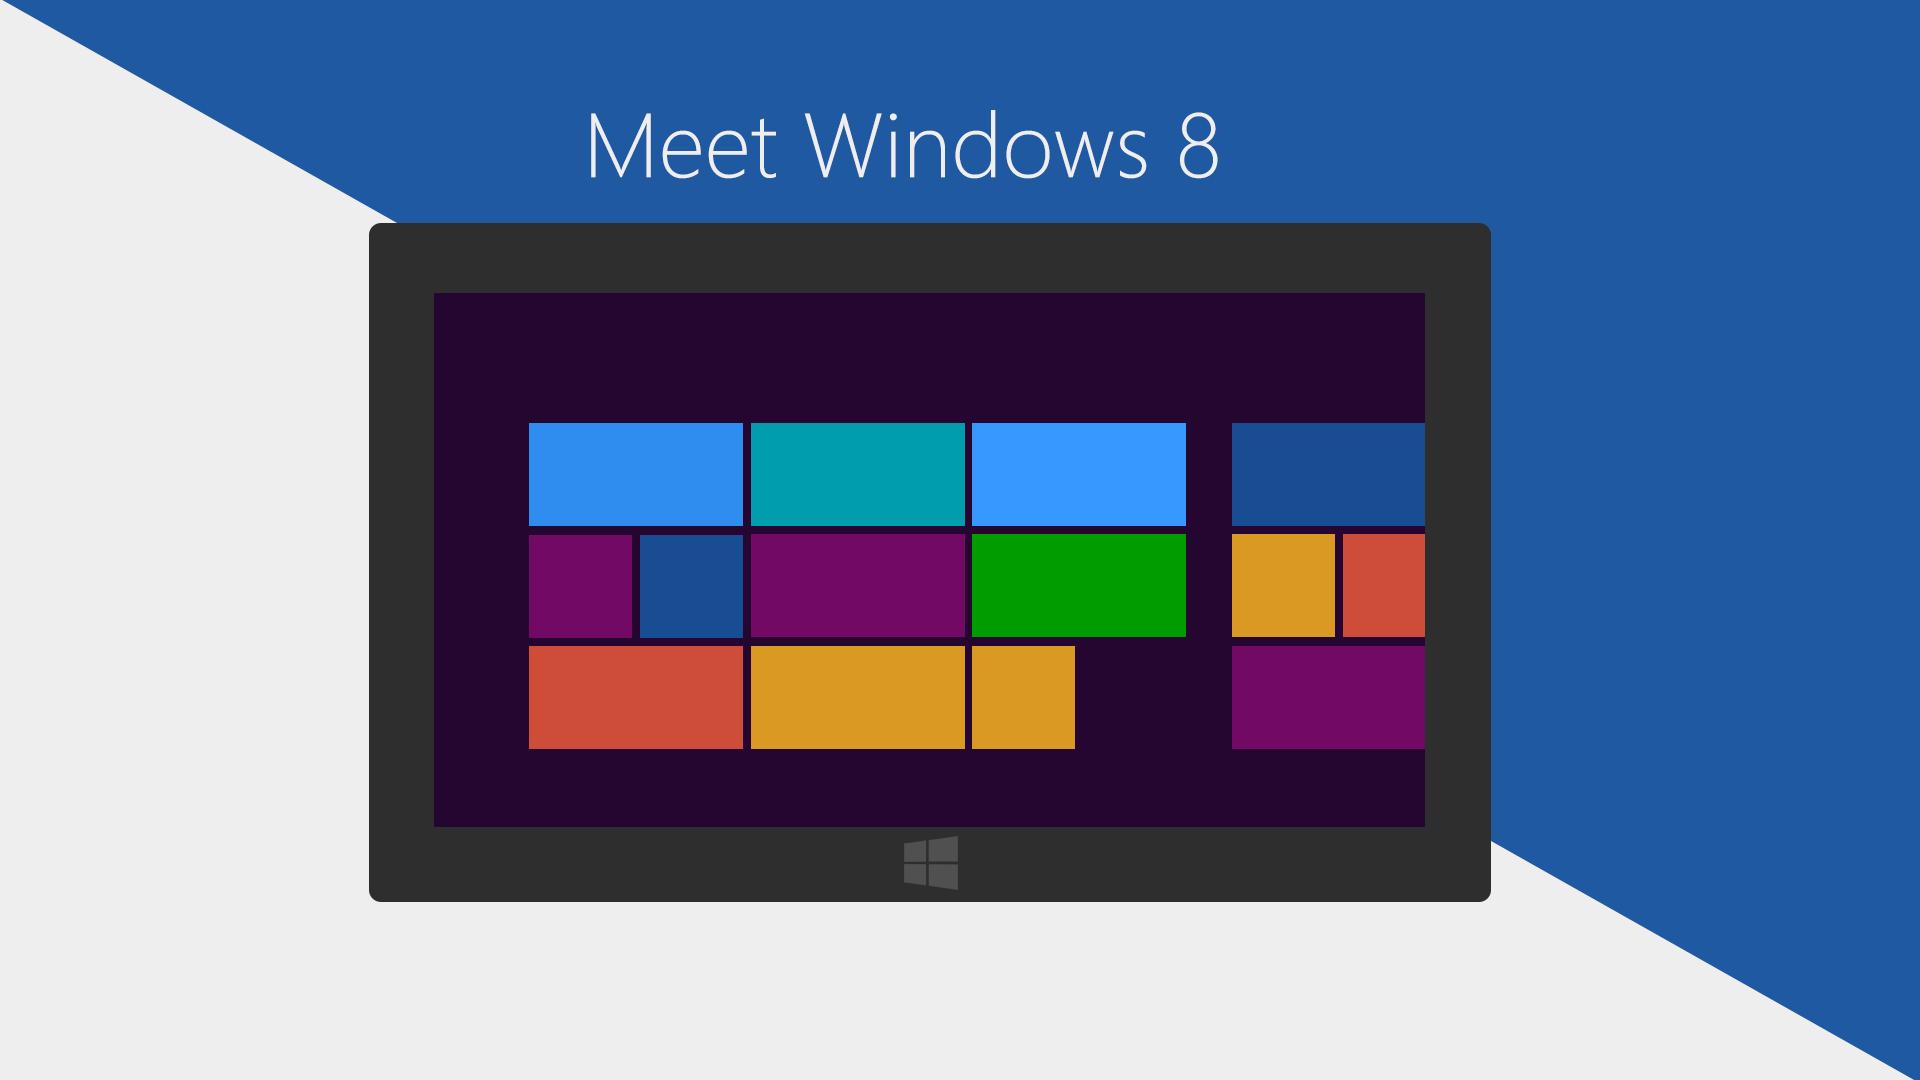 Windows 8 Meet